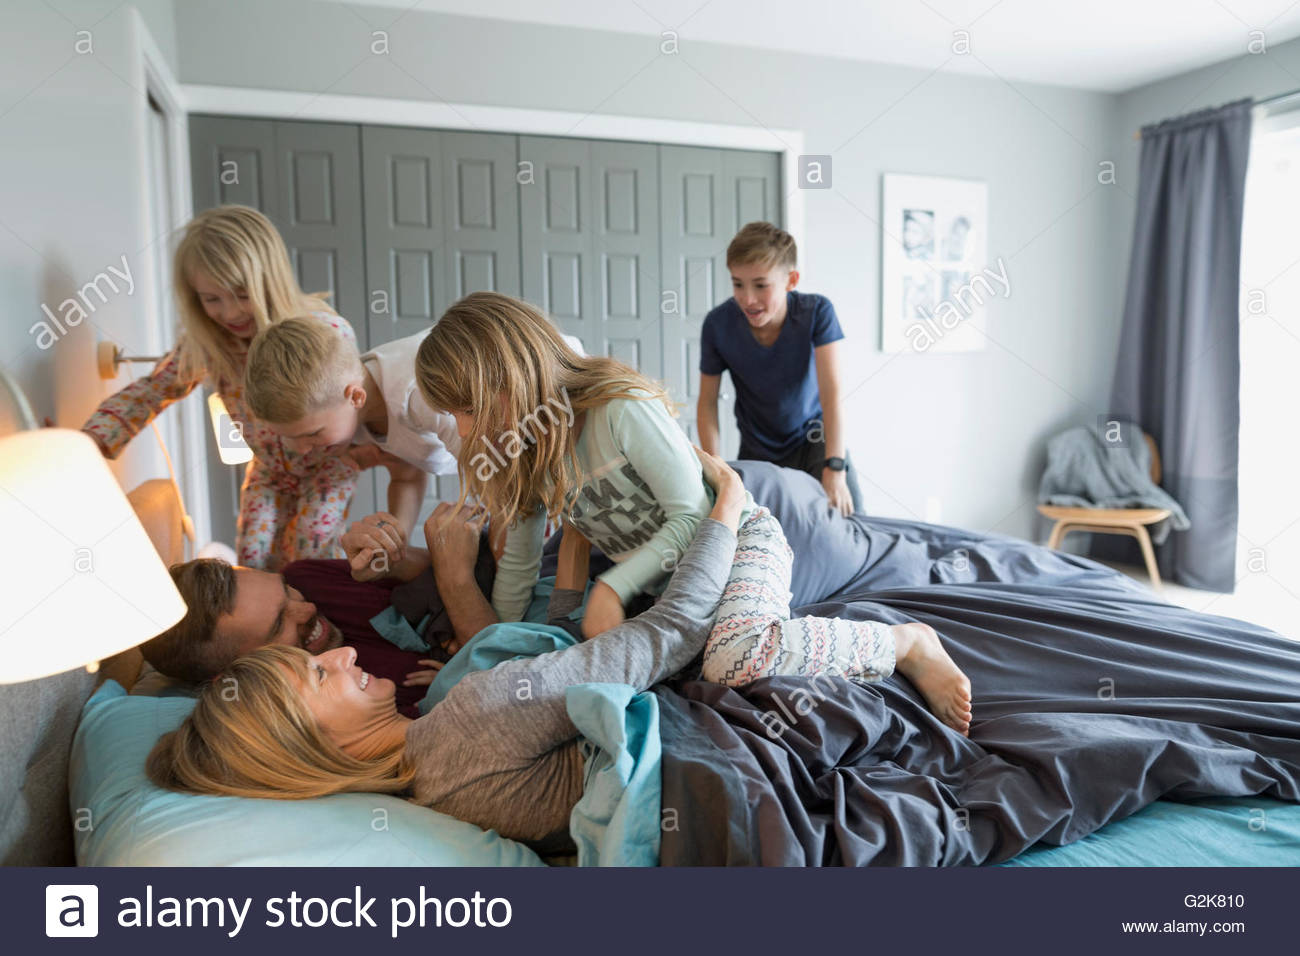 Los niños juguetones en pijama abordar en la cama de los padres Imagen De Stock